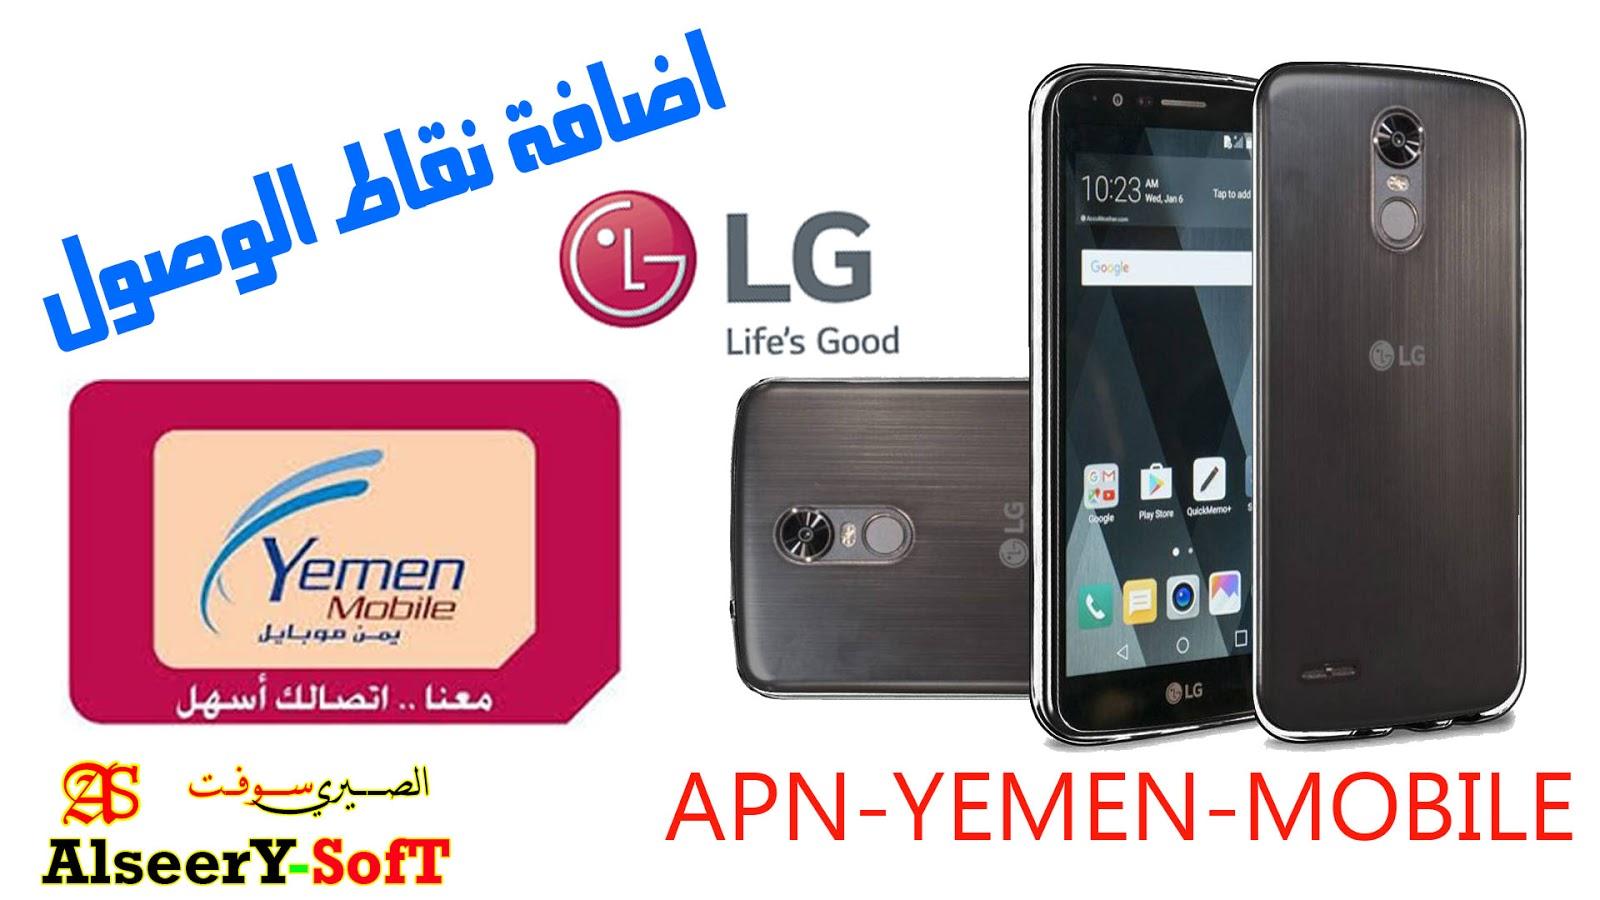 اضافة نقطة وصول وضبط الثري جي يمن موبايل لجميع هواتف LG